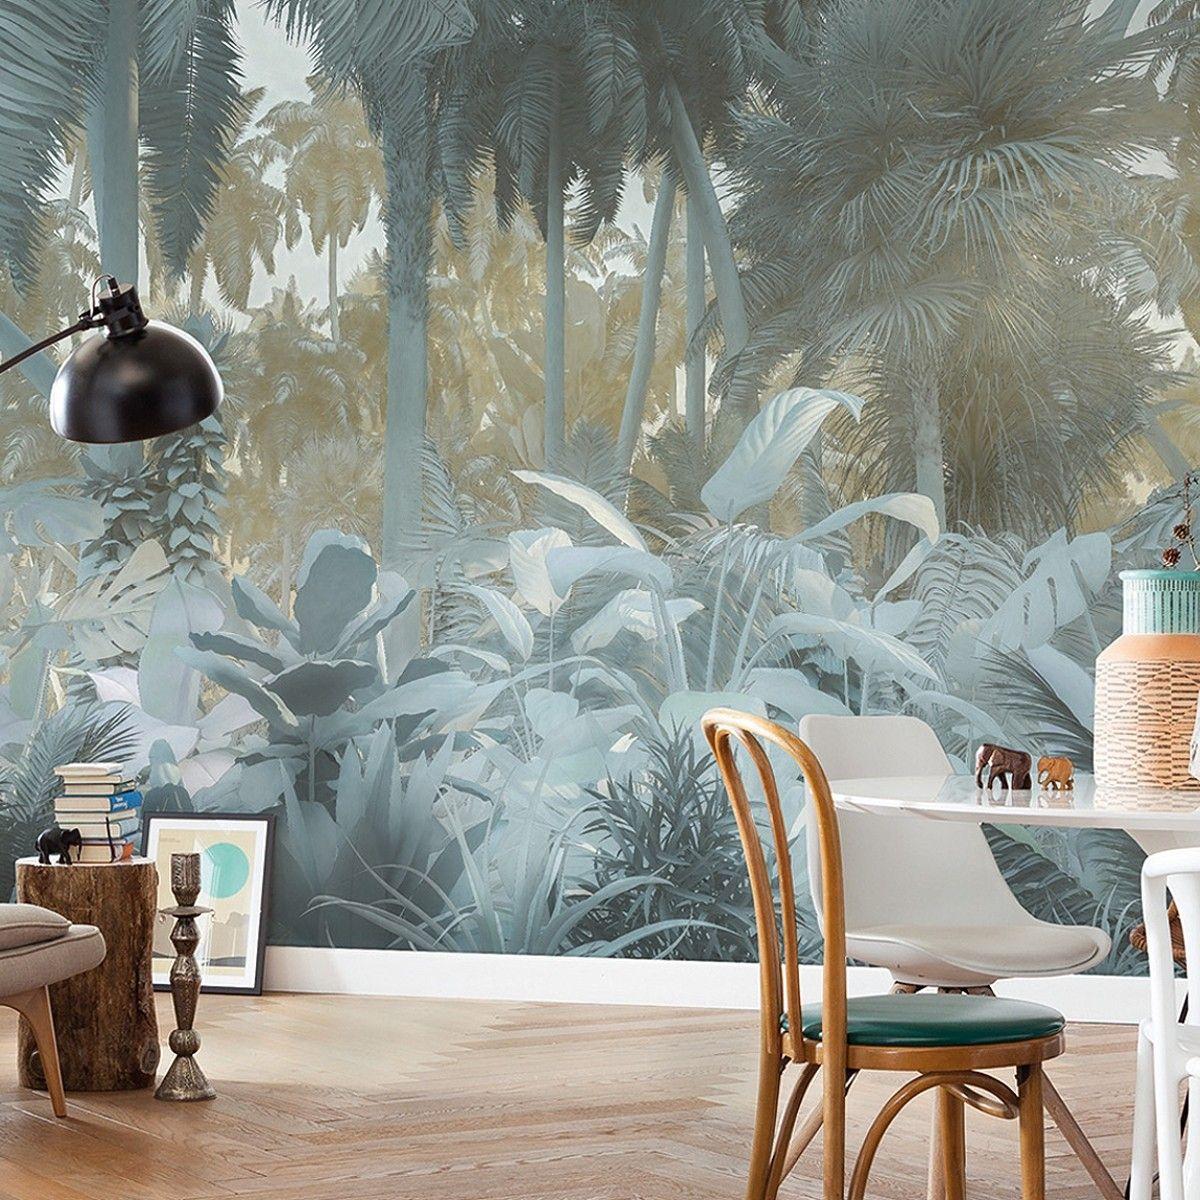 Misty Jungle In 2020 Fototapete Tapeten Und Wandgestaltung